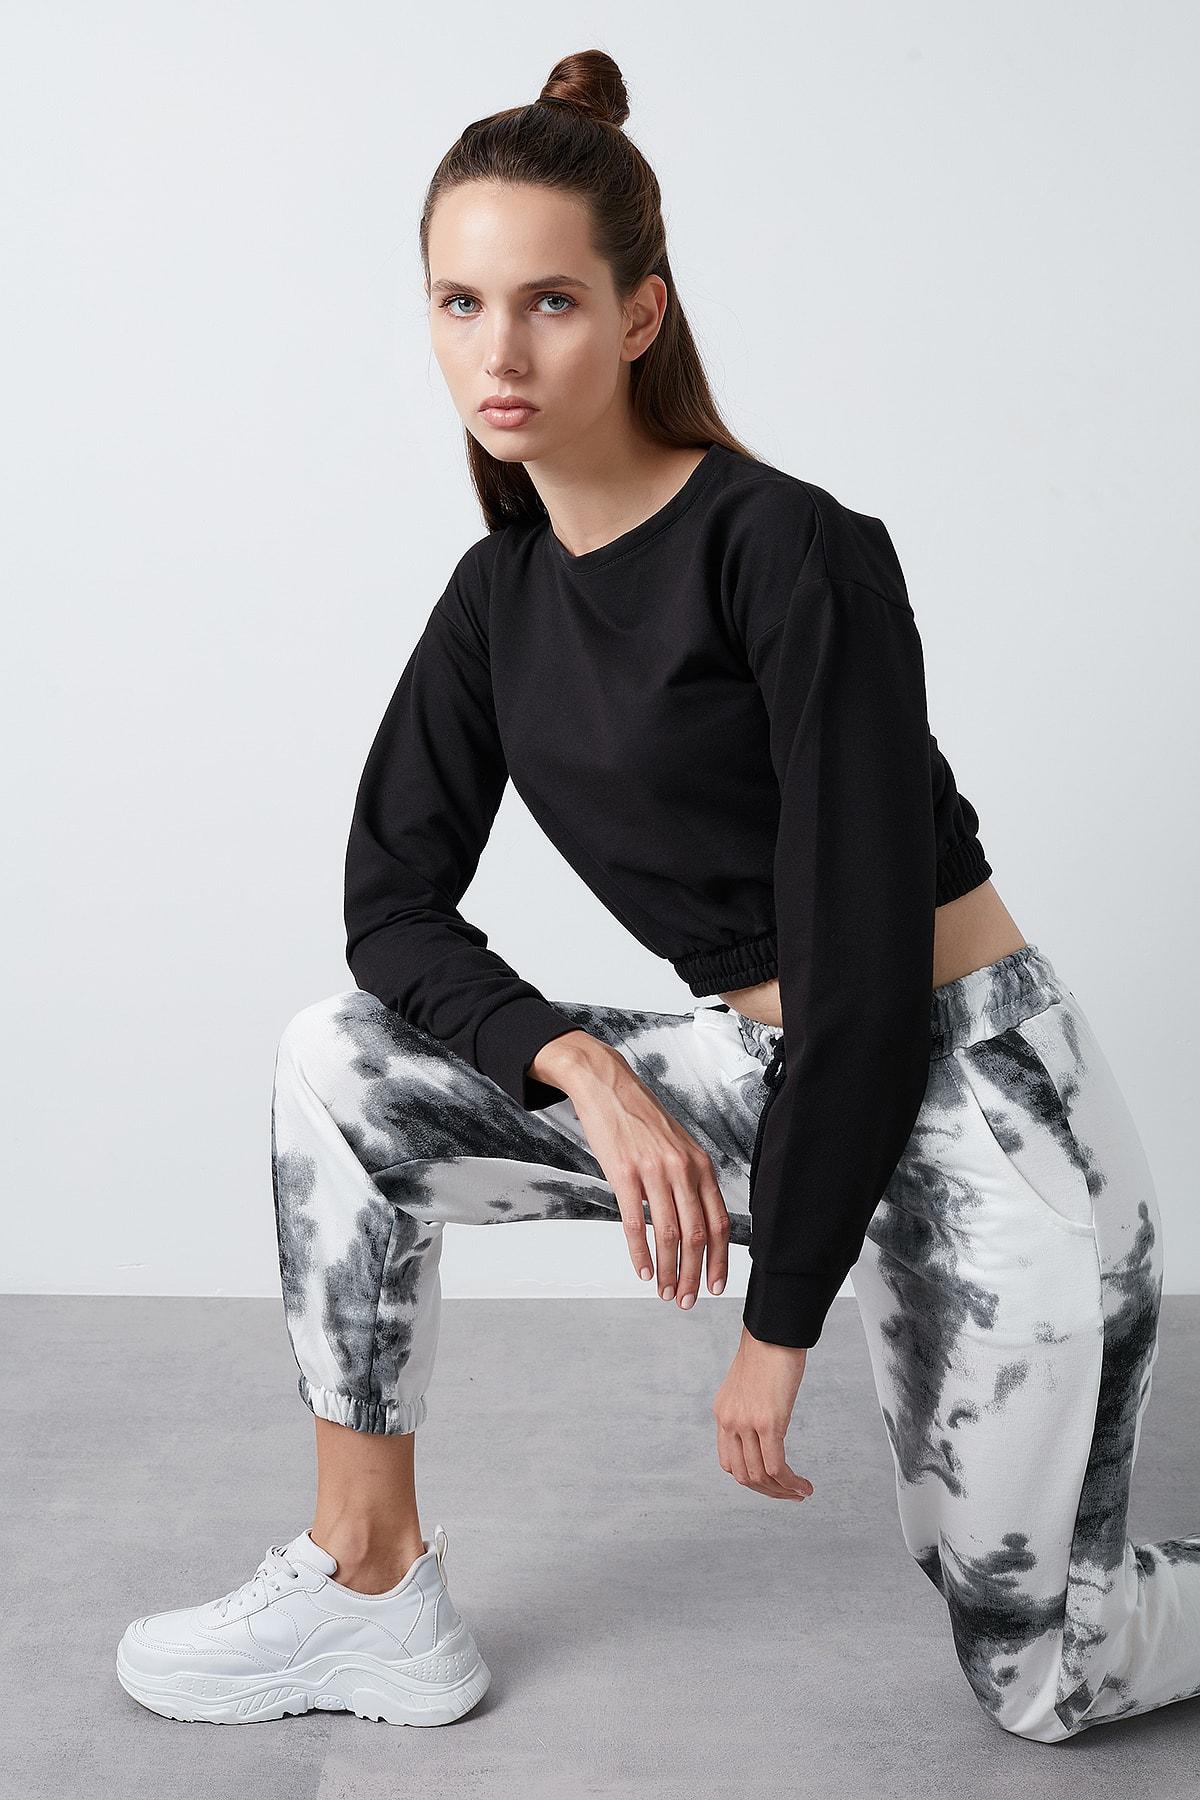 Lela Kadın Siyah Belden Bağlamalı Cepli Paçası Lastikli Pantolon 1